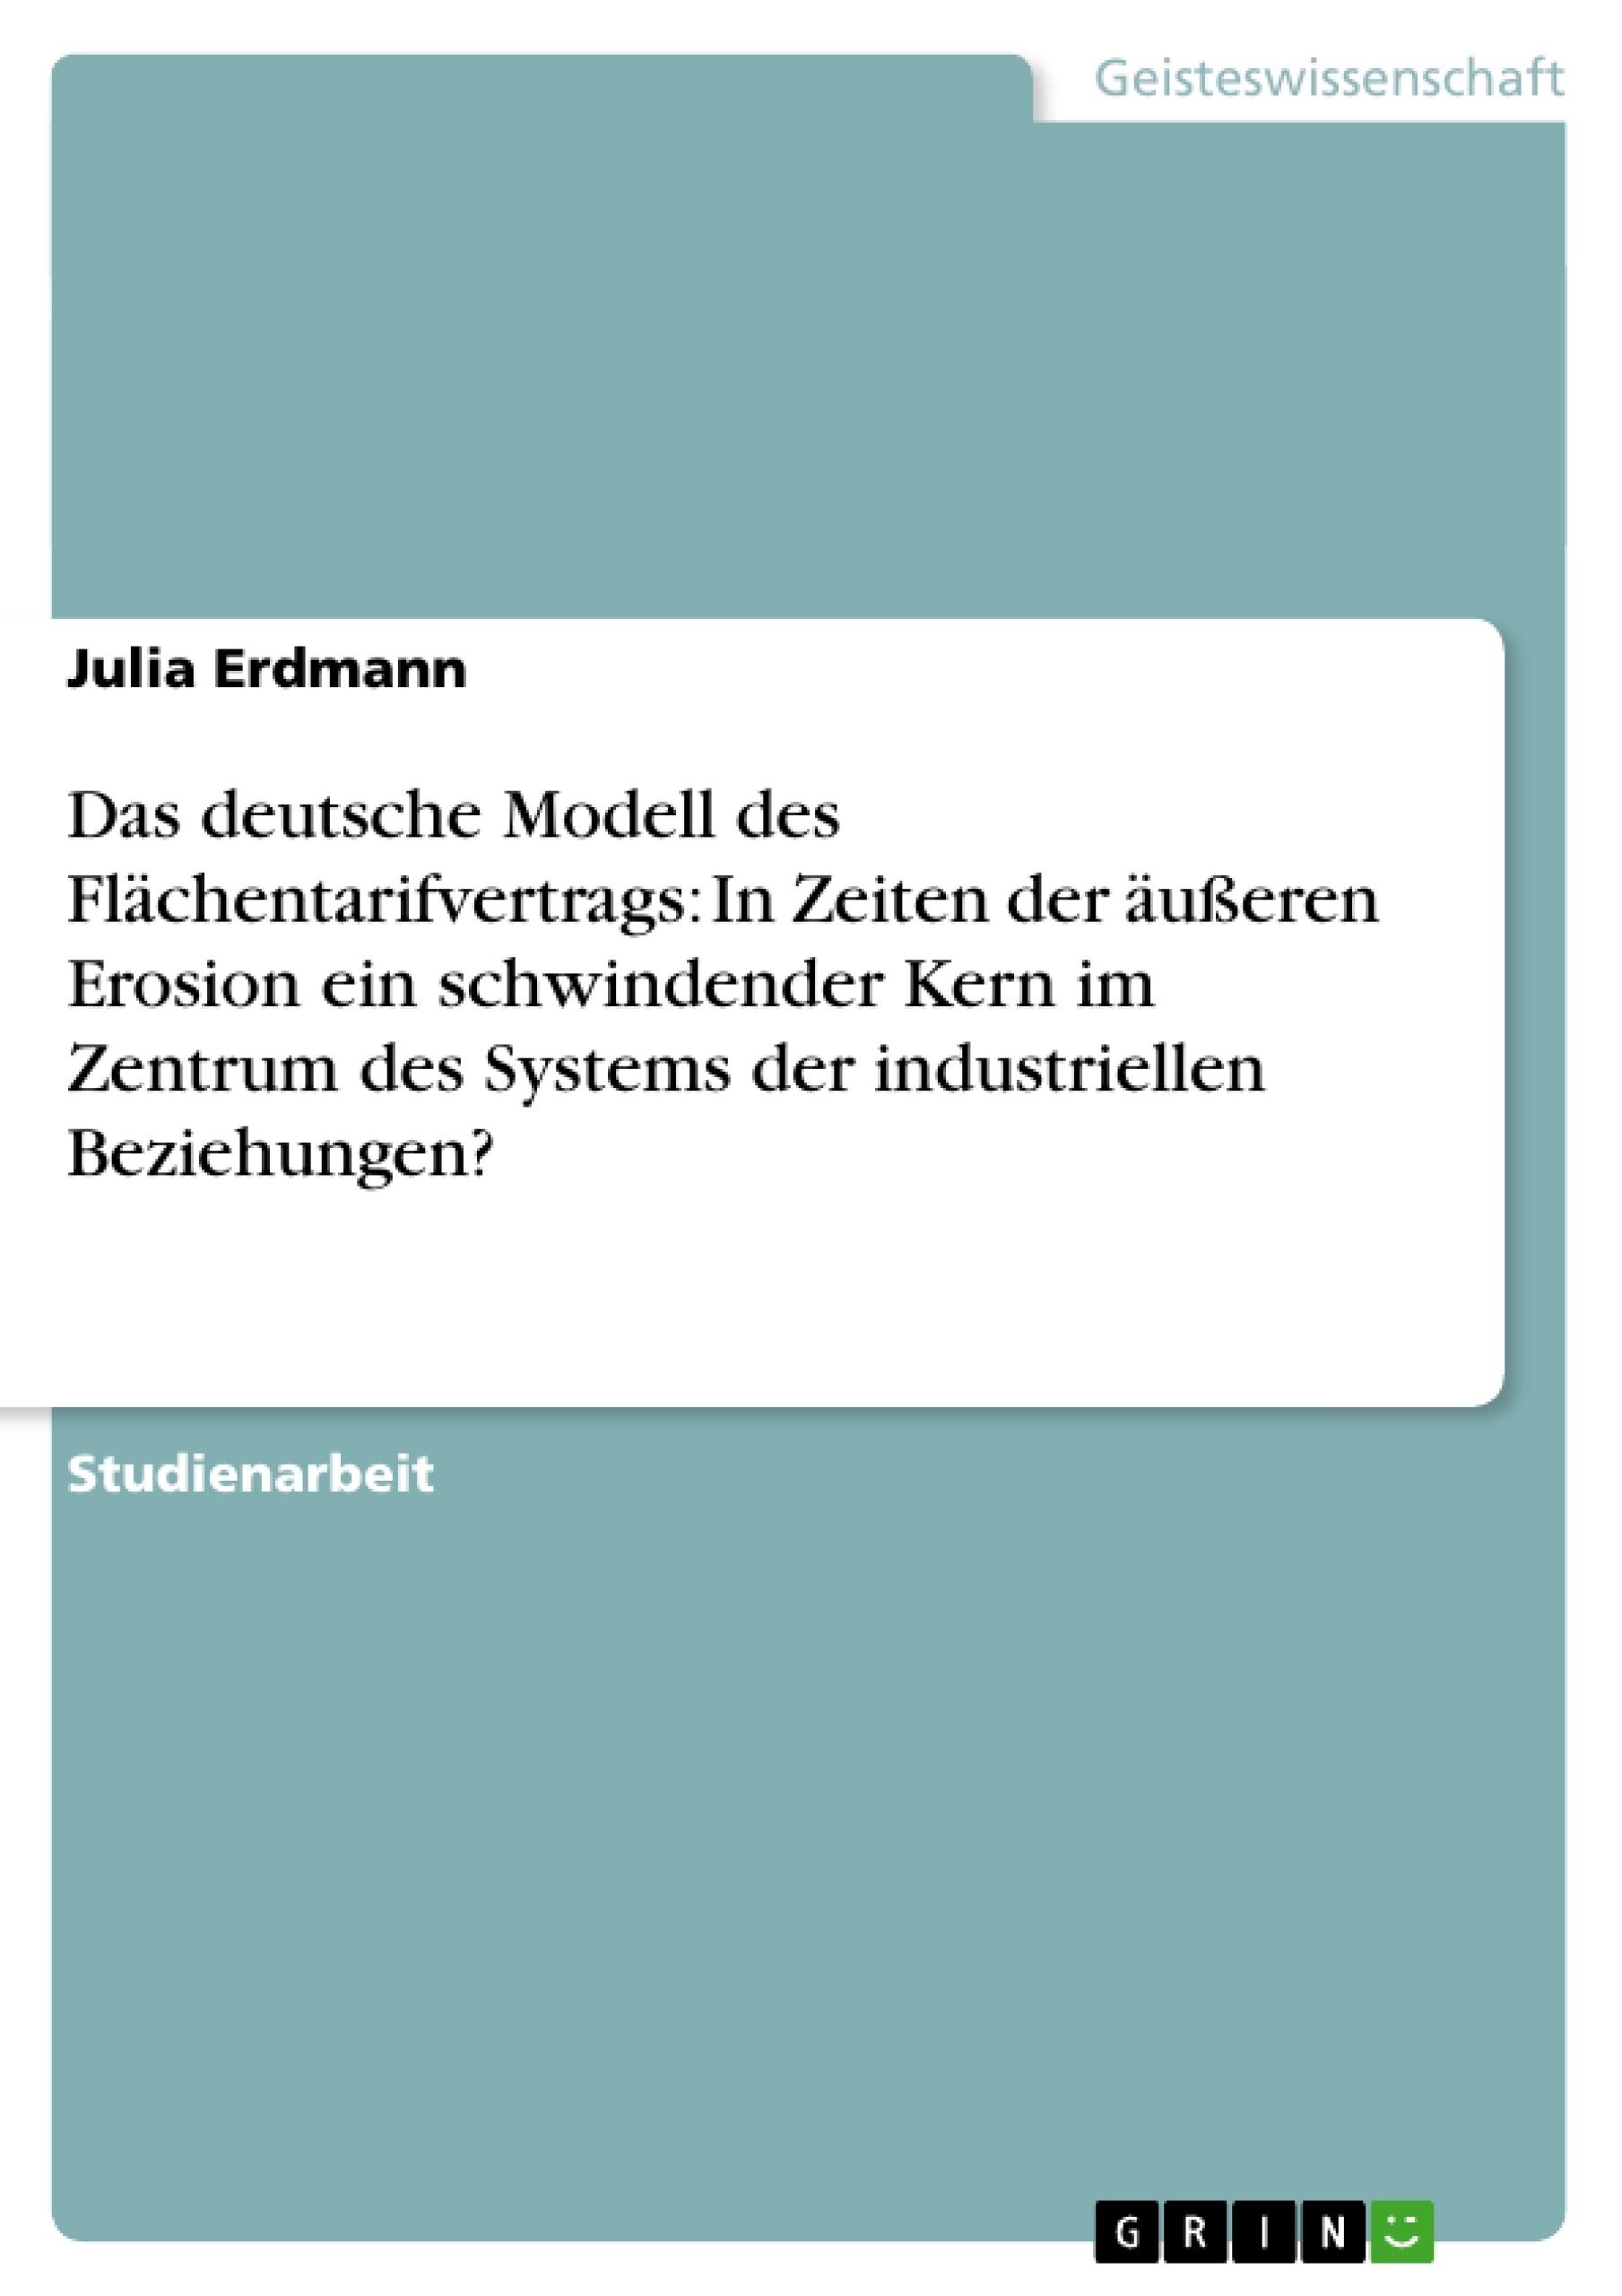 Titel: Das deutsche Modell des Flächentarifvertrags: In Zeiten der äußeren Erosion ein schwindender Kern im Zentrum des Systems der industriellen Beziehungen?